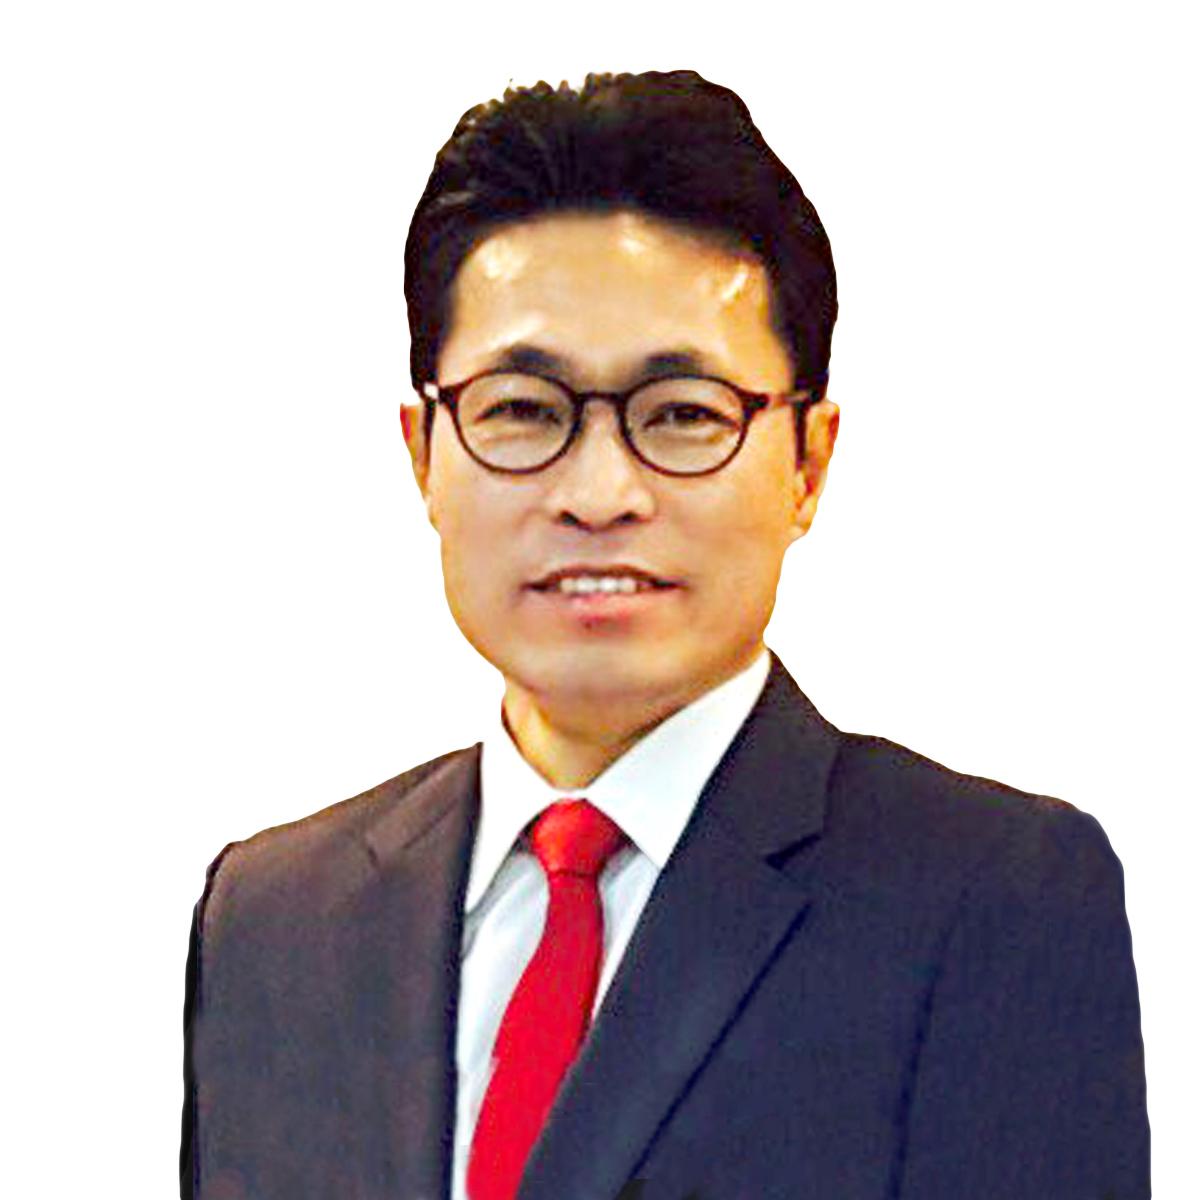 kimyongchul